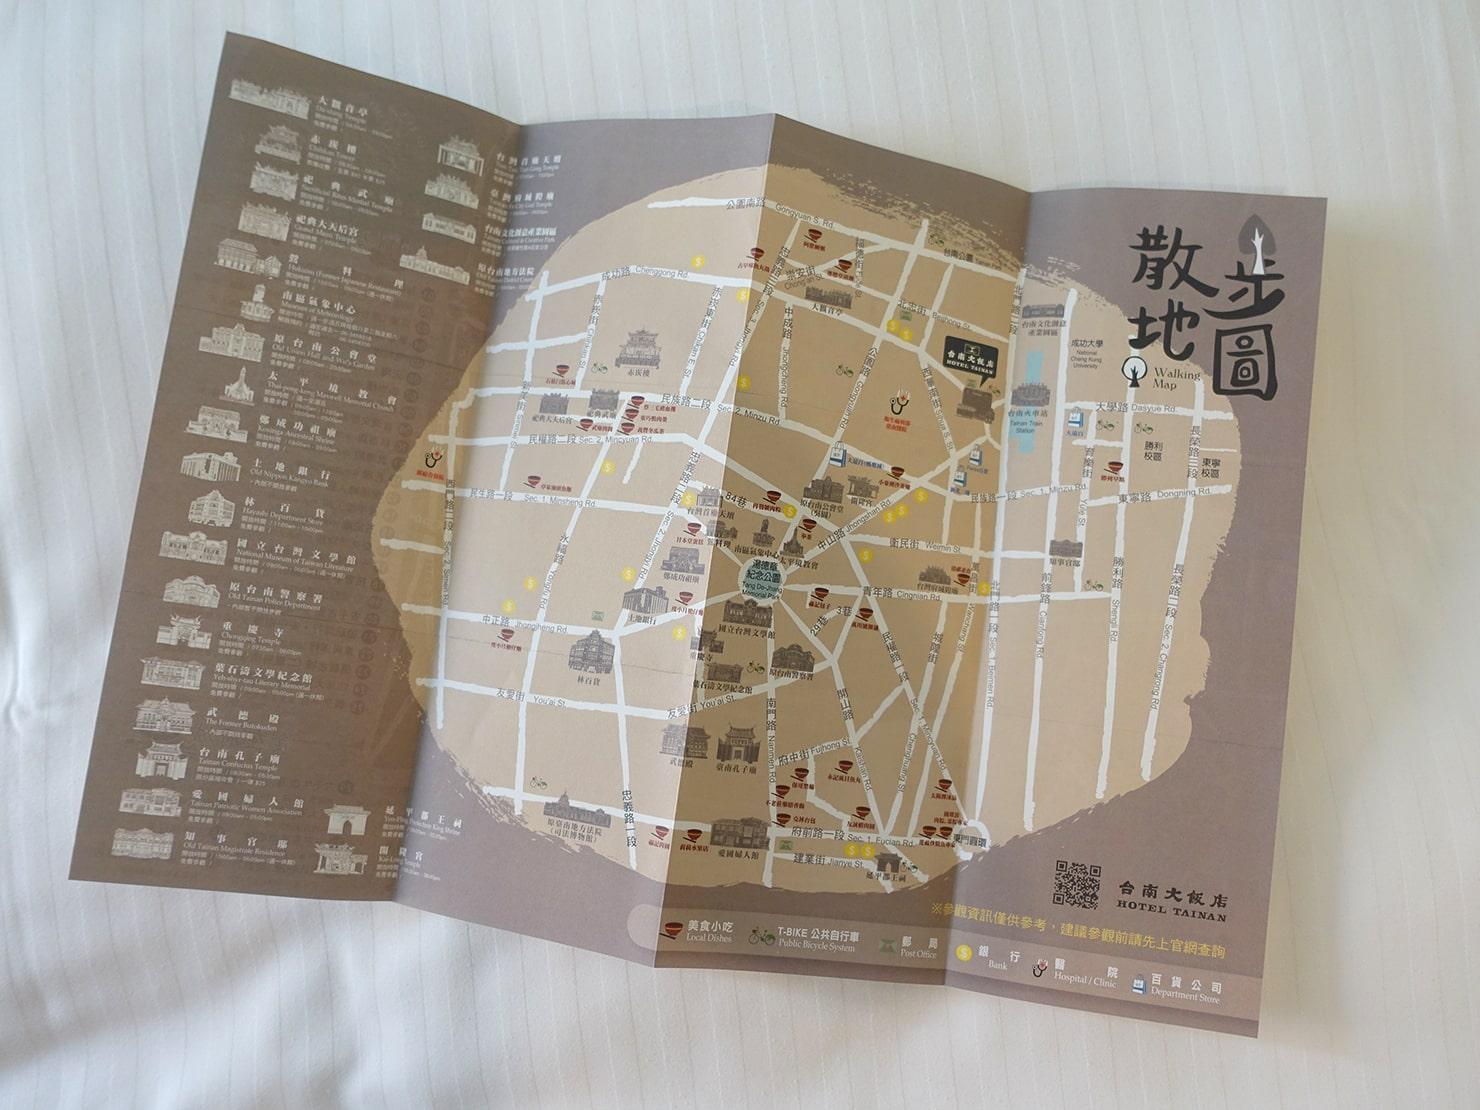 台南駅が目の前の老舗ホテル「台南大飯店 Hotel Tainan」のオリジナル観光マップ